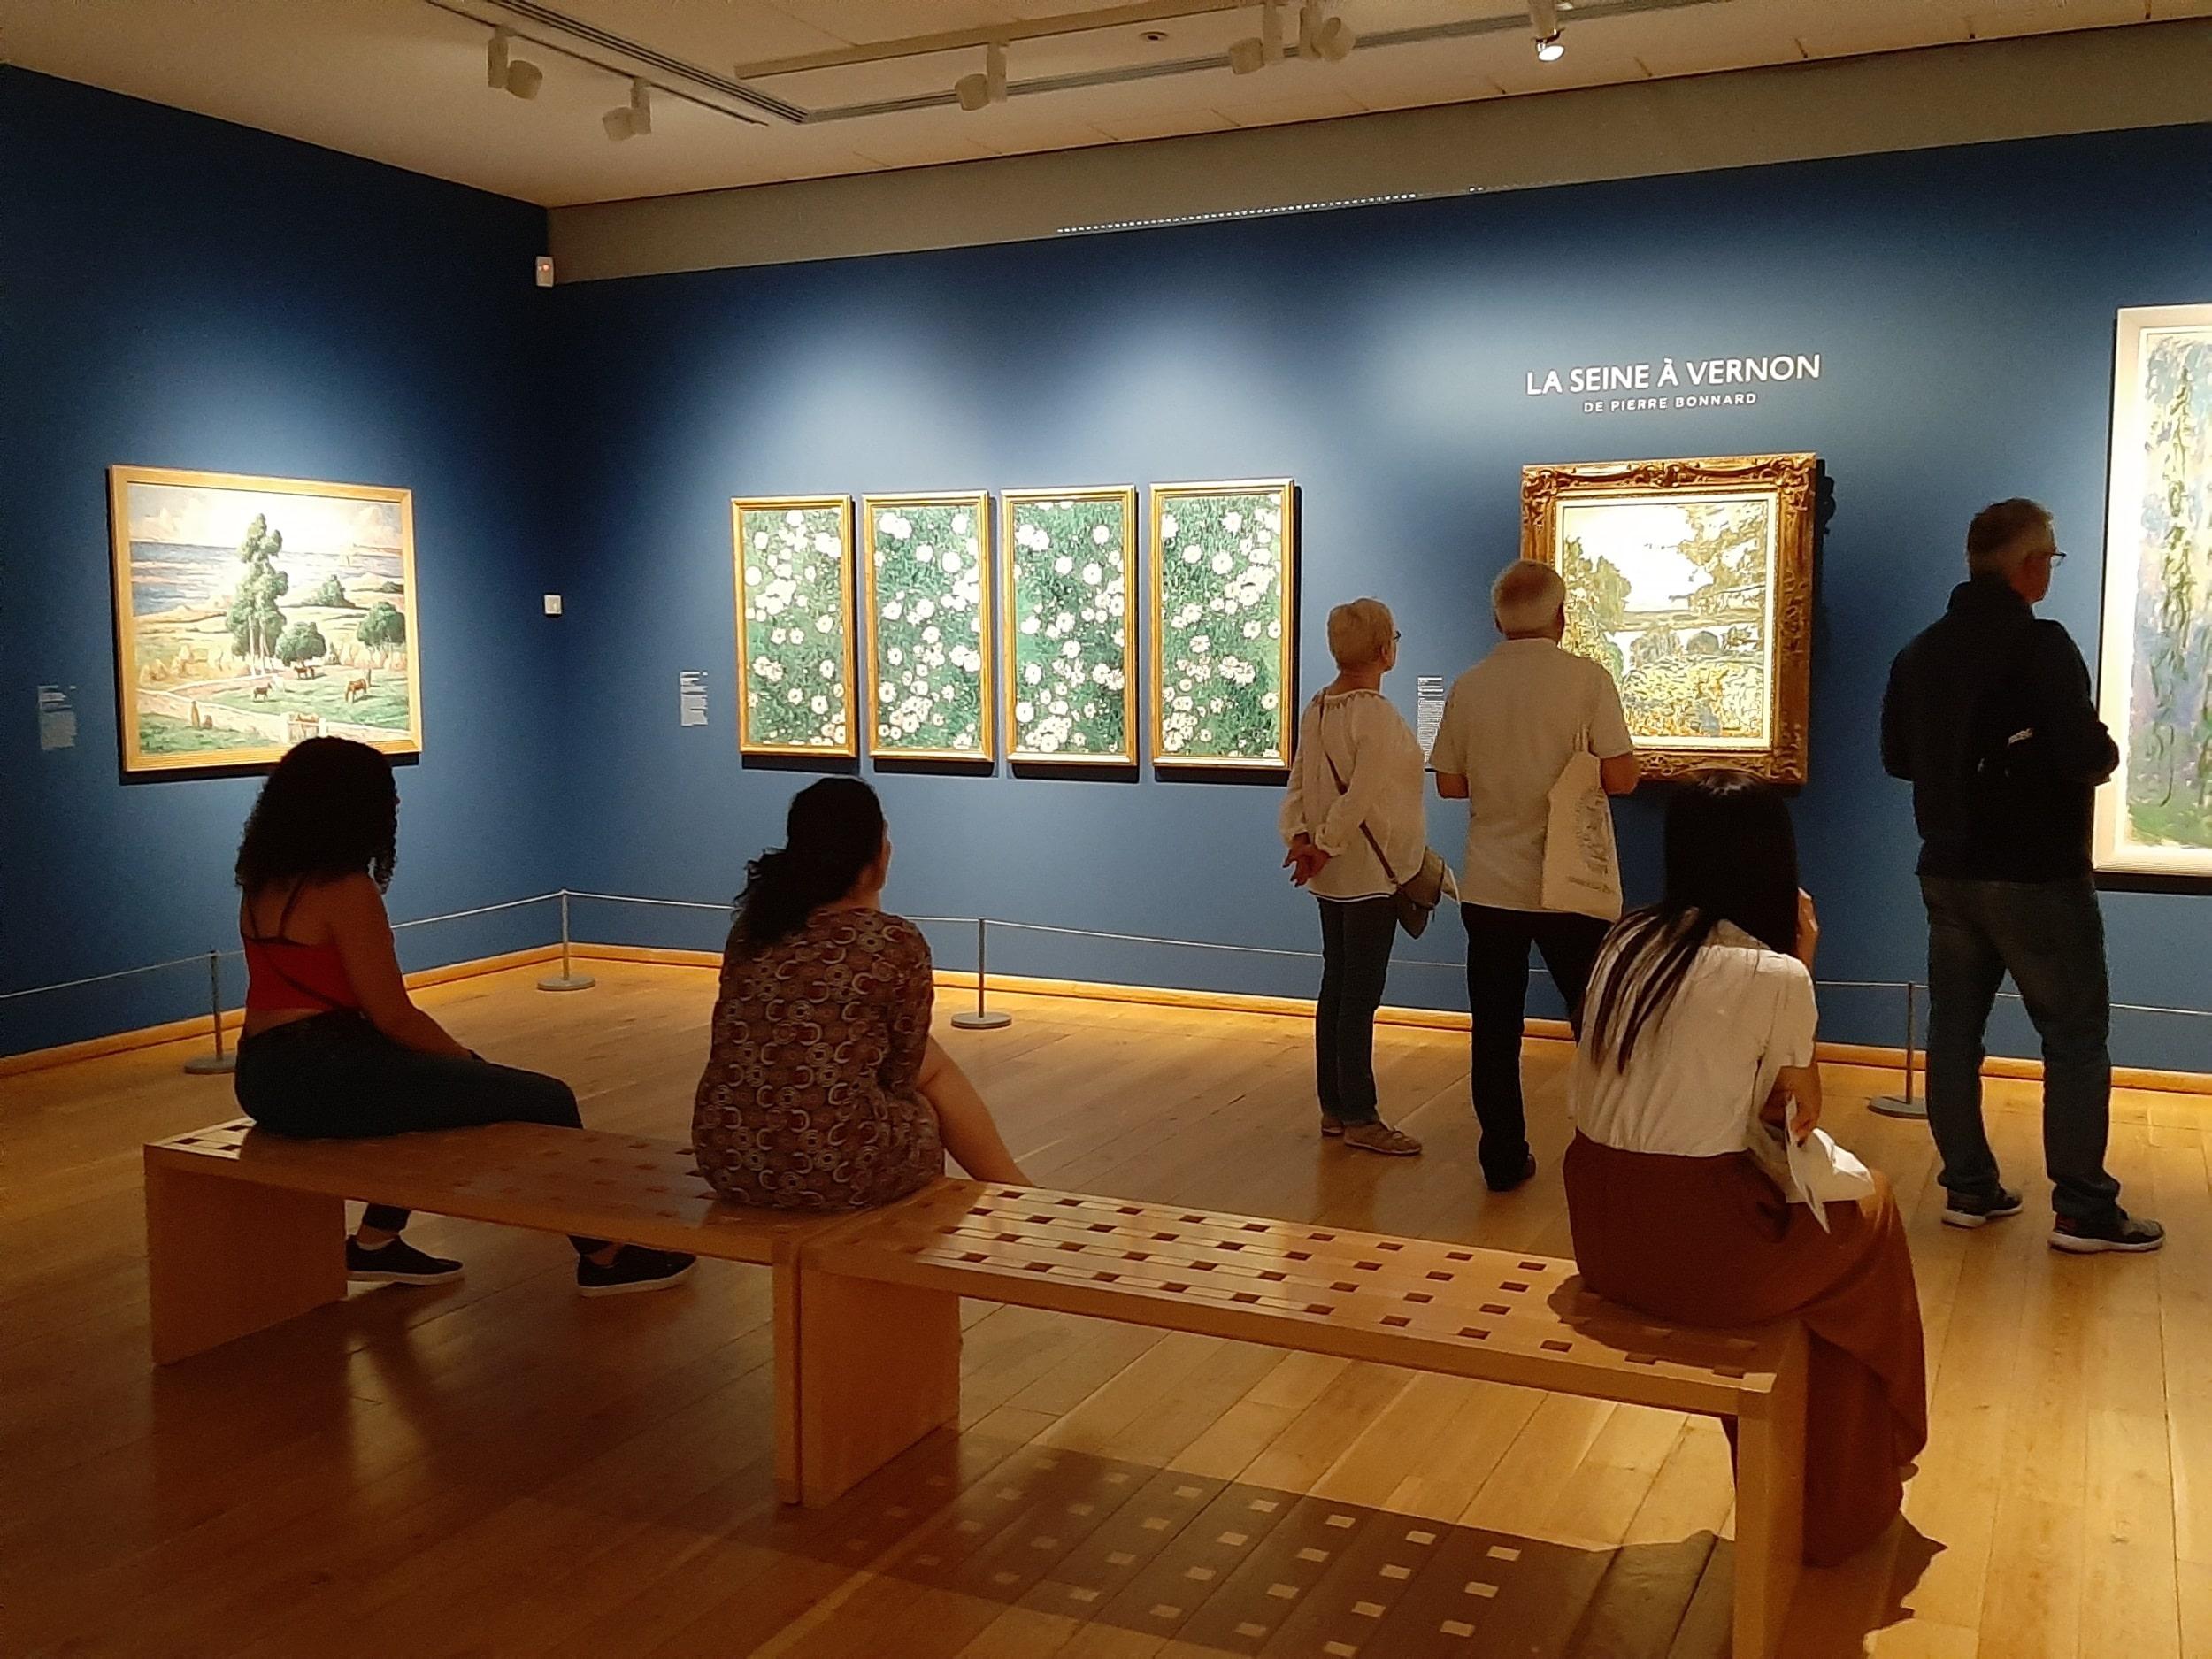 Visiteurs dans les galeries d'exposition du musée des impressionnismes Giverny